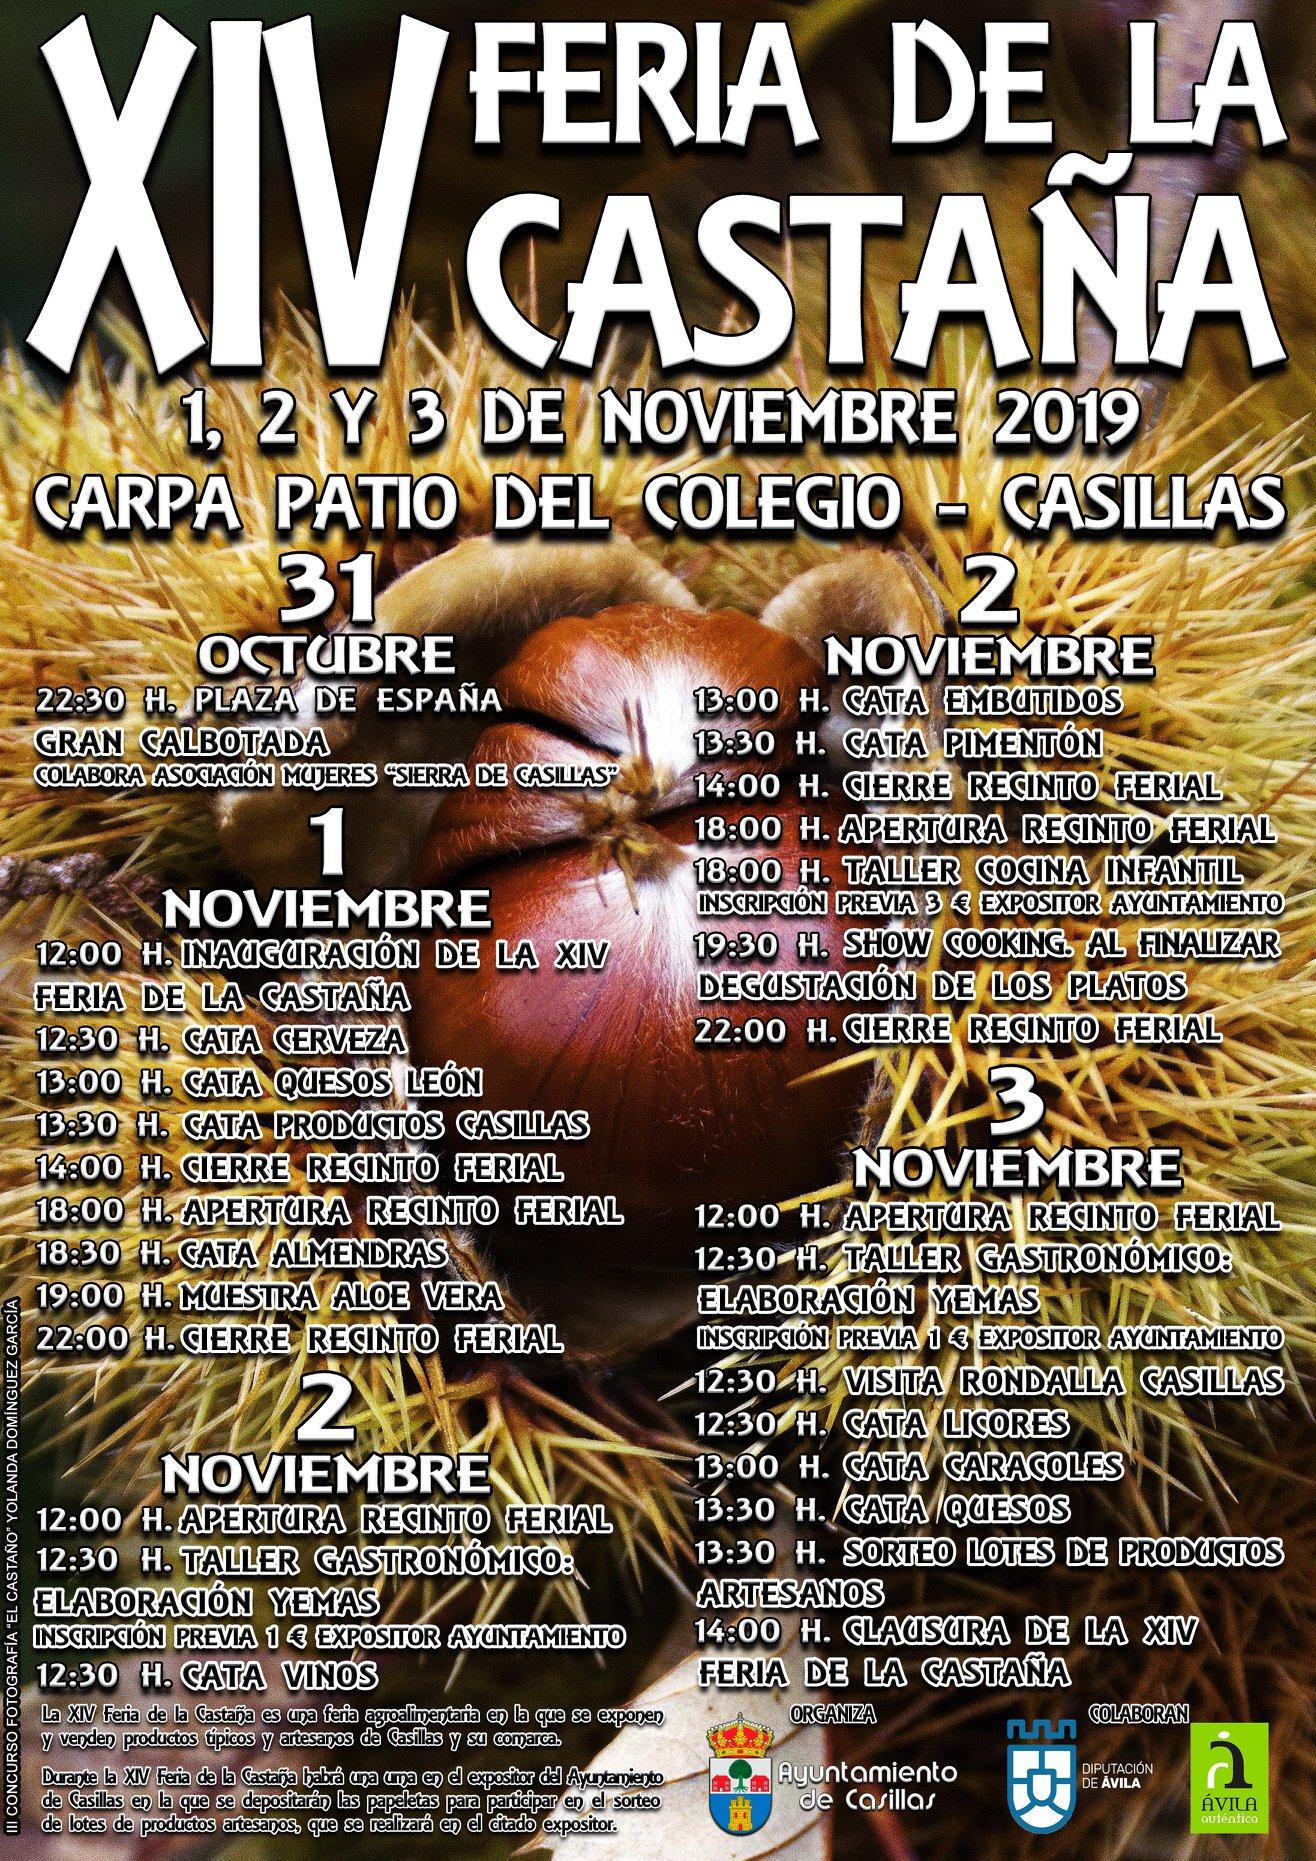 Feria de la Castaña - Casillas - TiétarTeVe